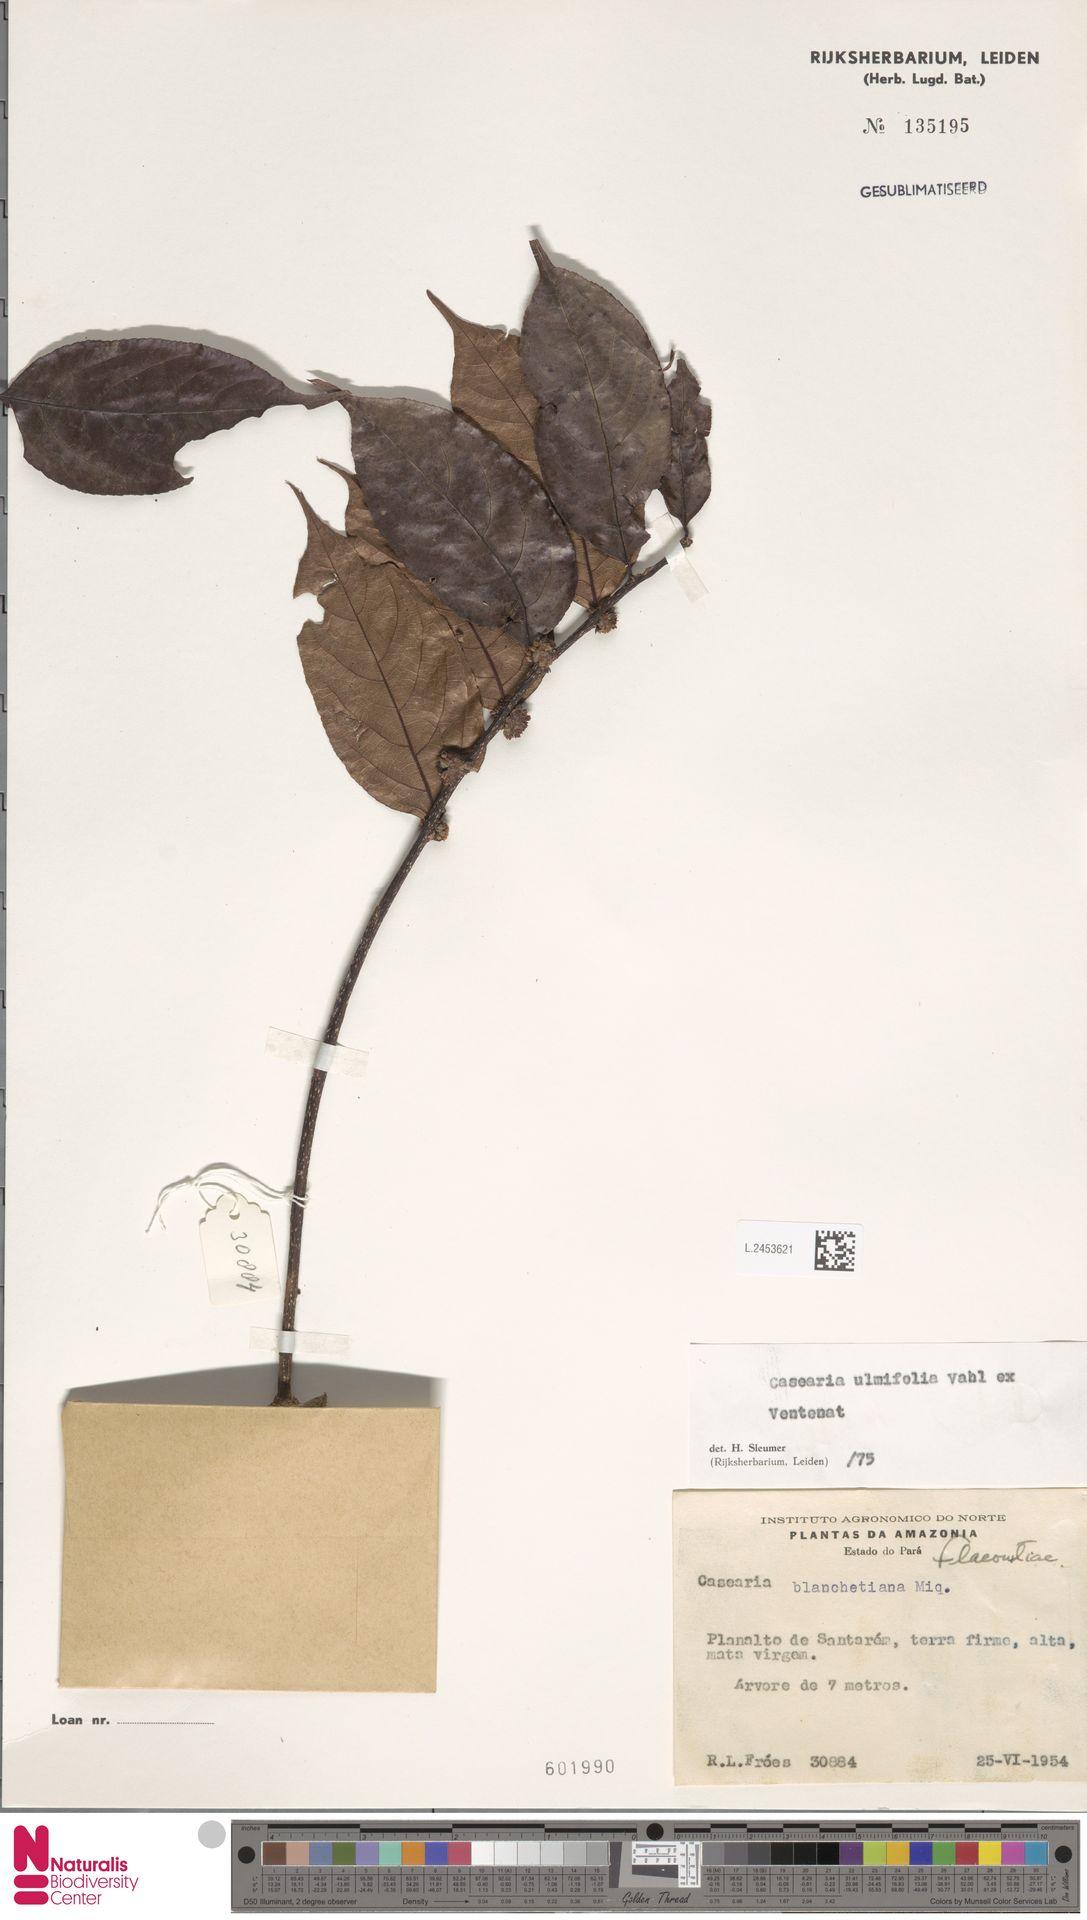 L.2453621 | Casearia ulmifolia Vahl ex Vent.